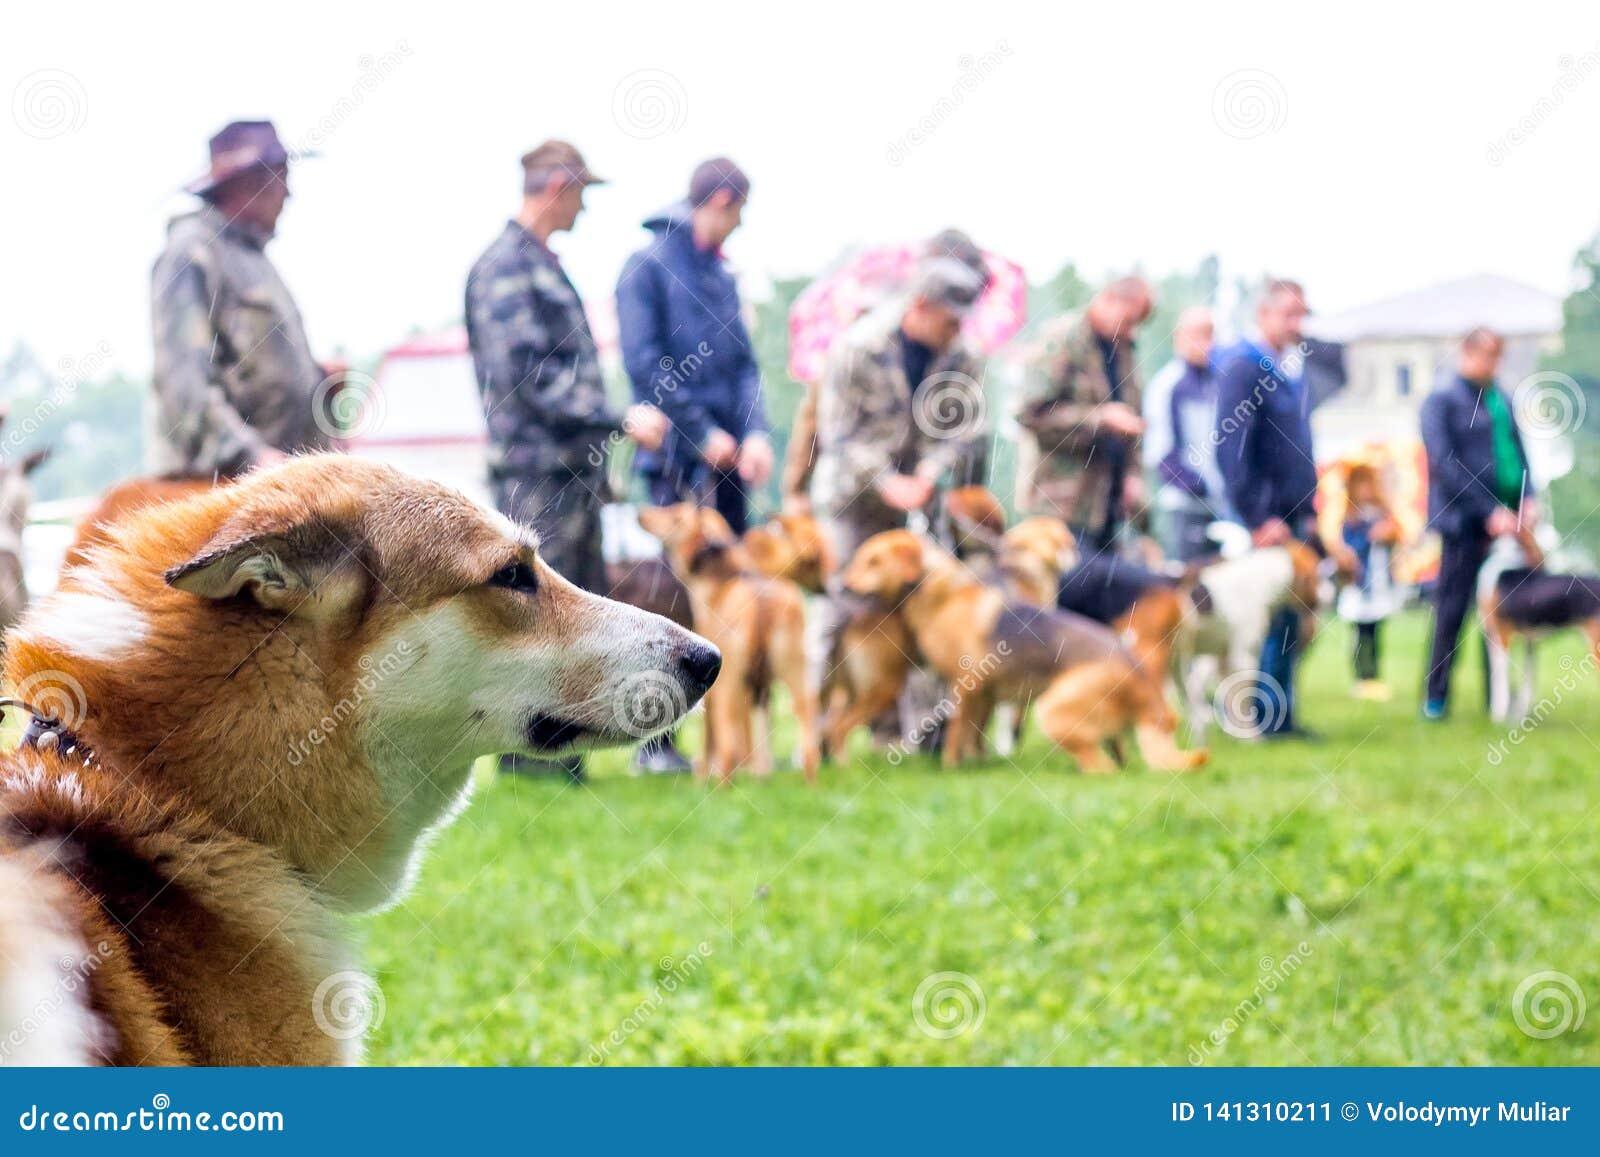 一条交配动物者狗的画象在猎犬的陈列的在多雨weather_的